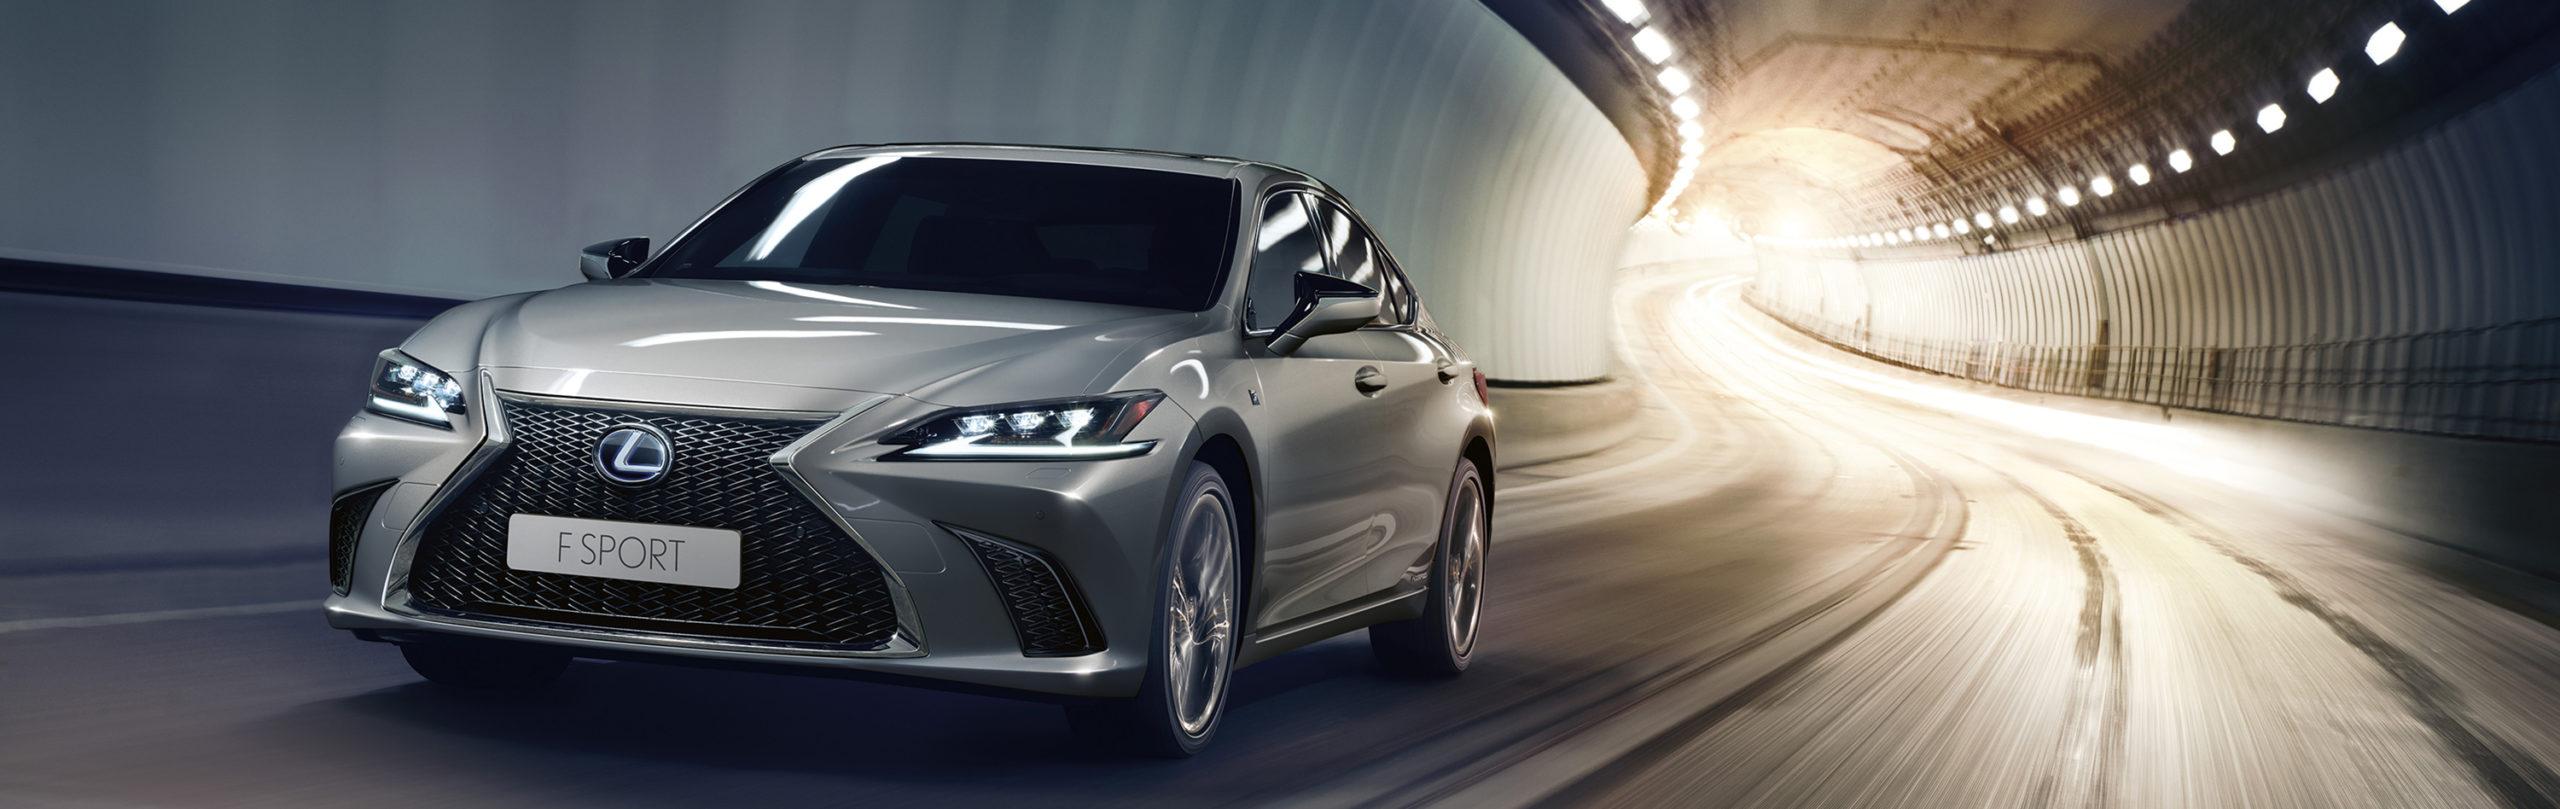 Lexus apuesta por la tecnología híbrida como motor de sus vehículos